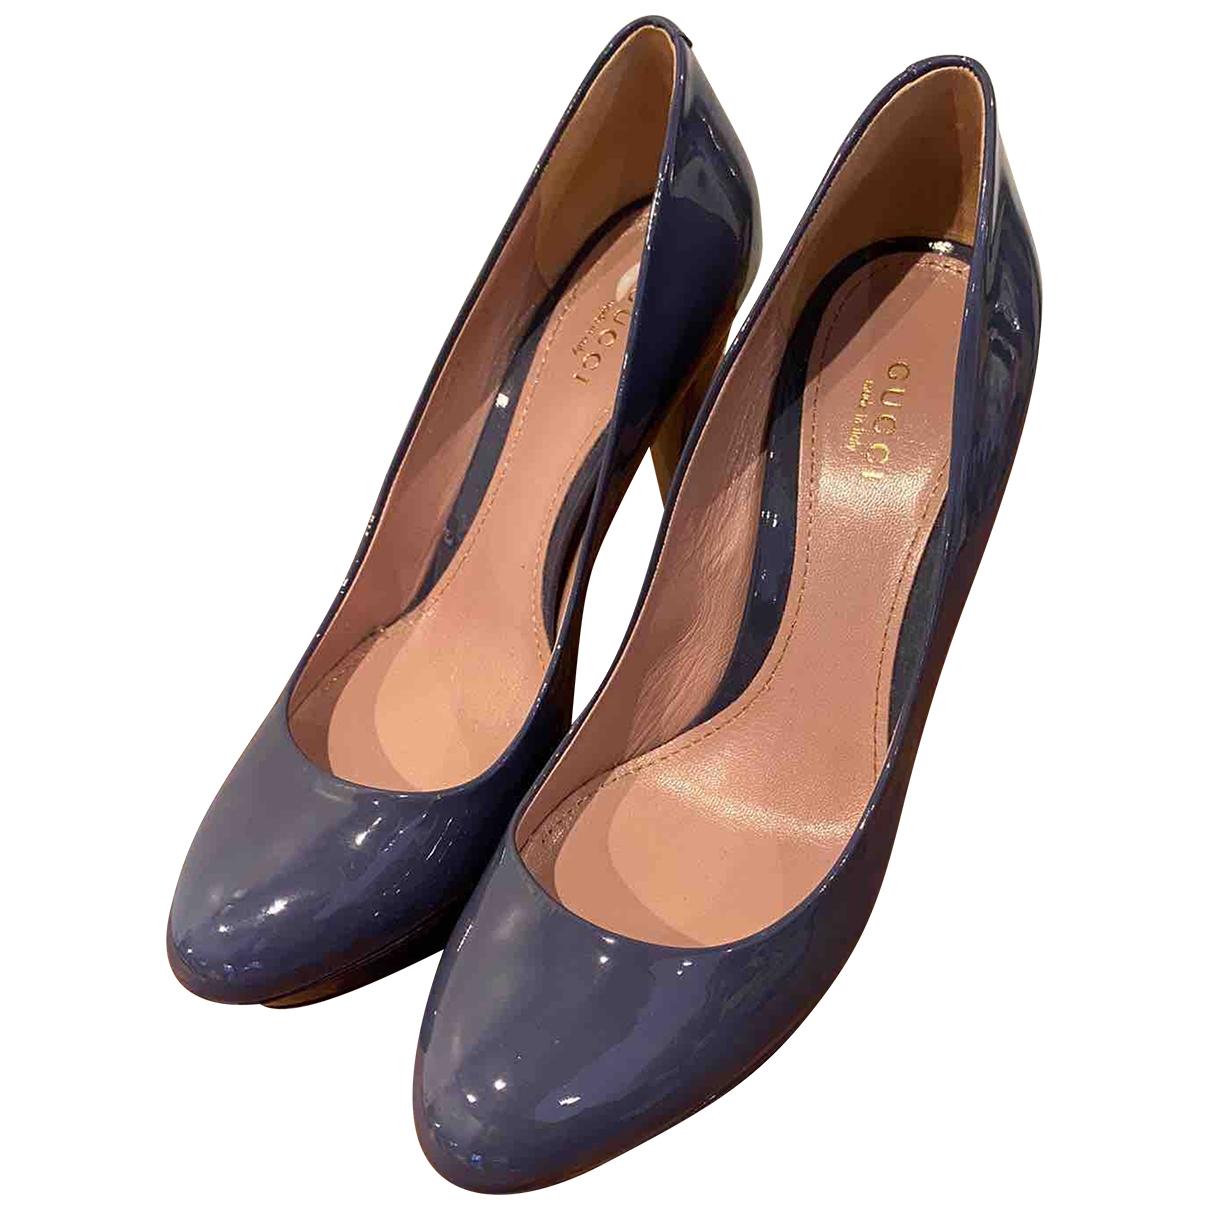 Gucci - Escarpins   pour femme en cuir verni - bleu